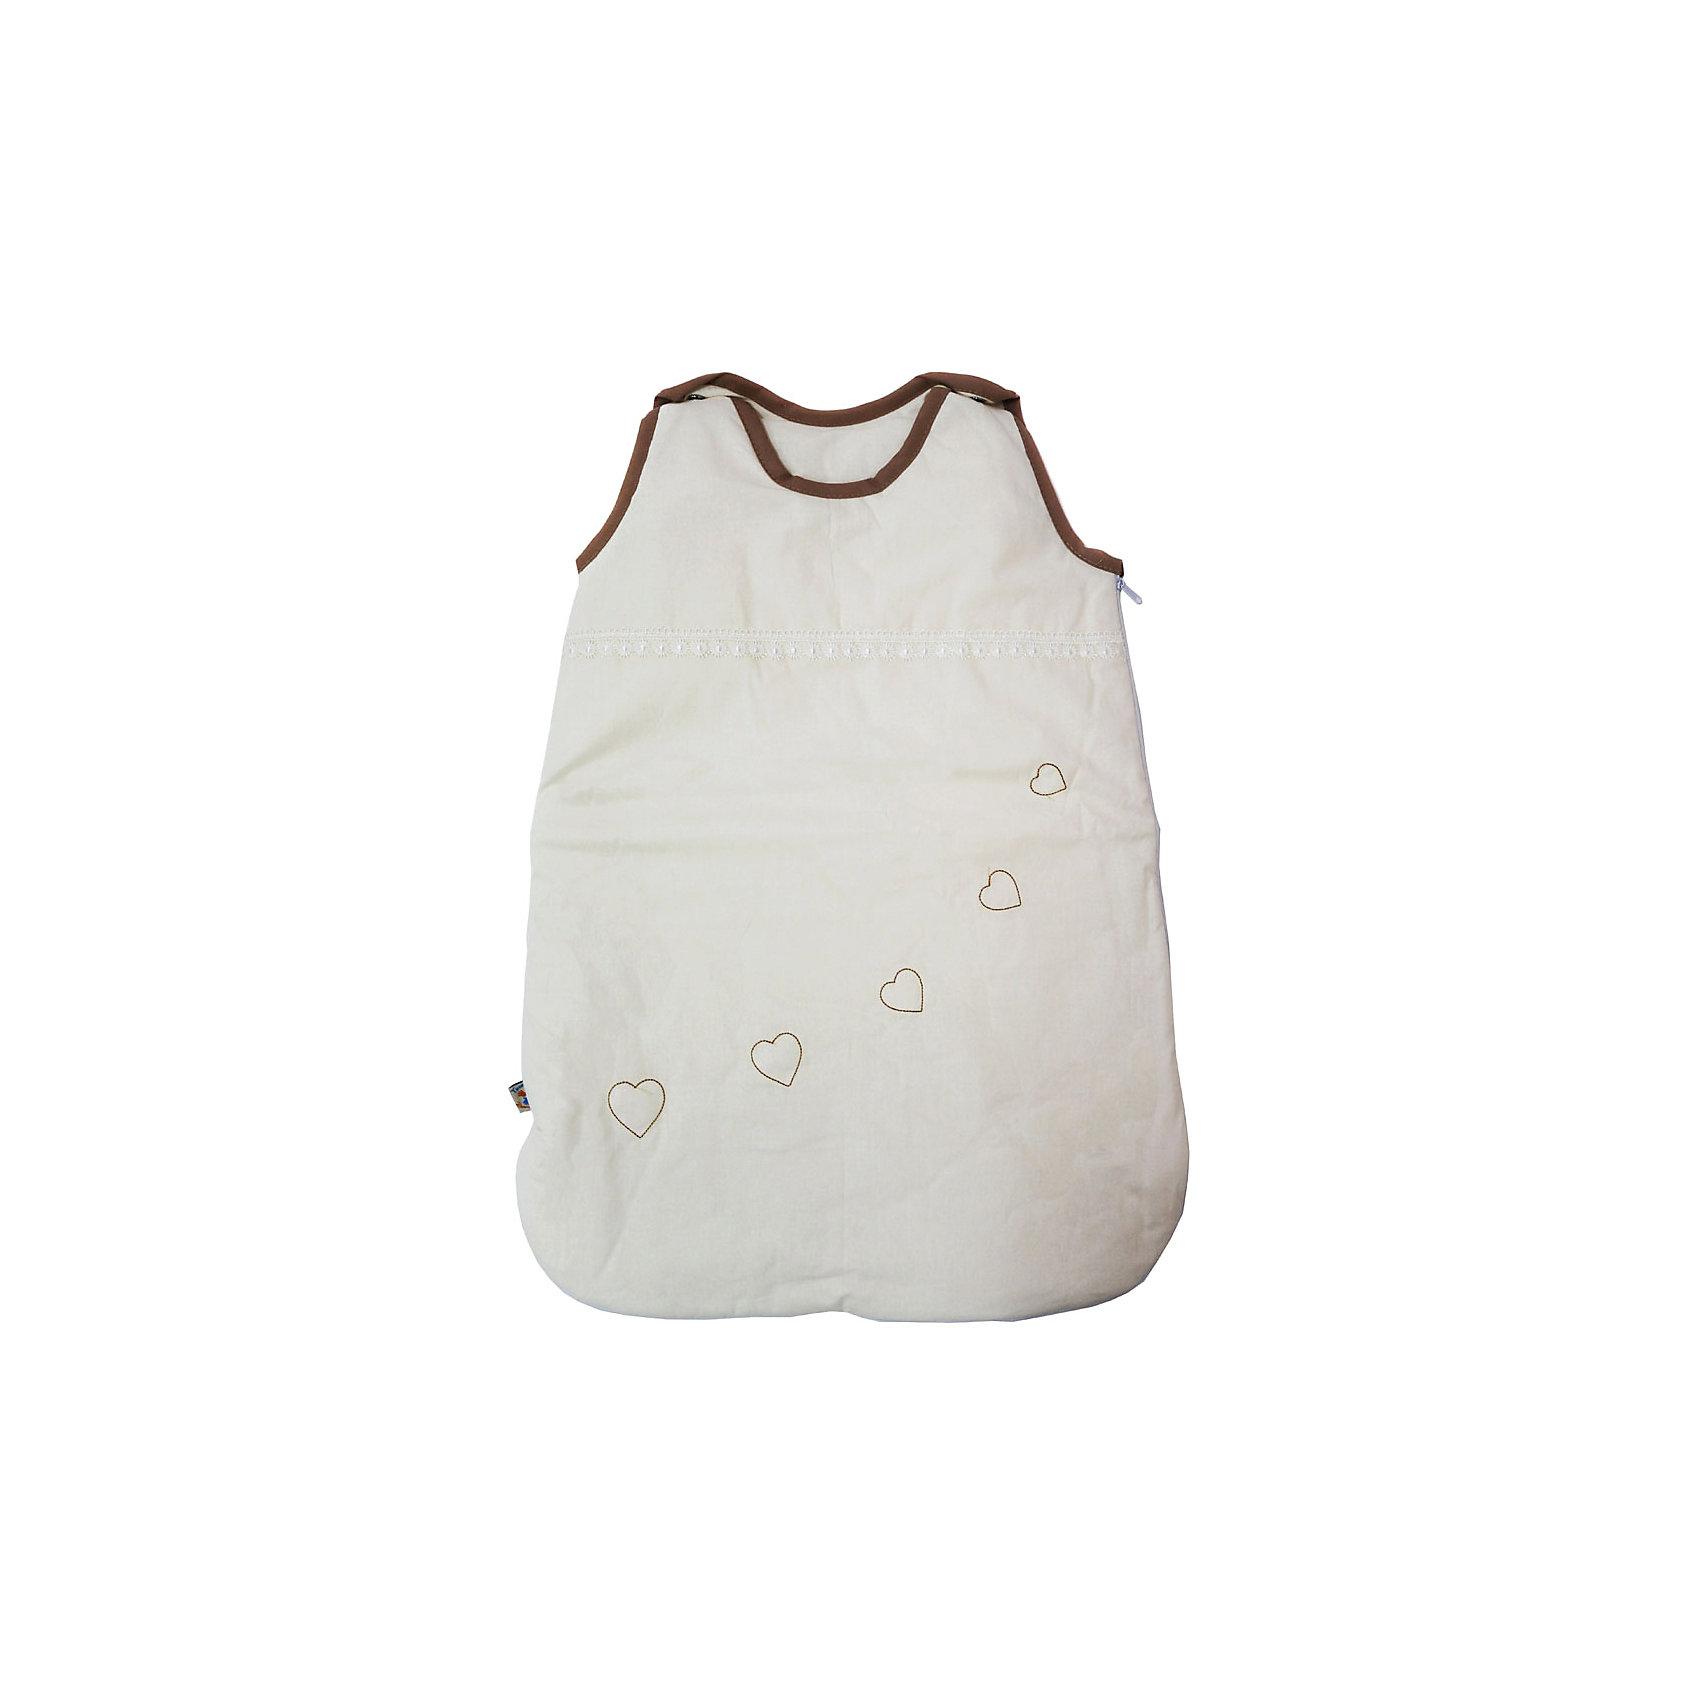 Топотушки Мешок для сна Аморе Мио, Топотушки бокс рский мешок не наполненный